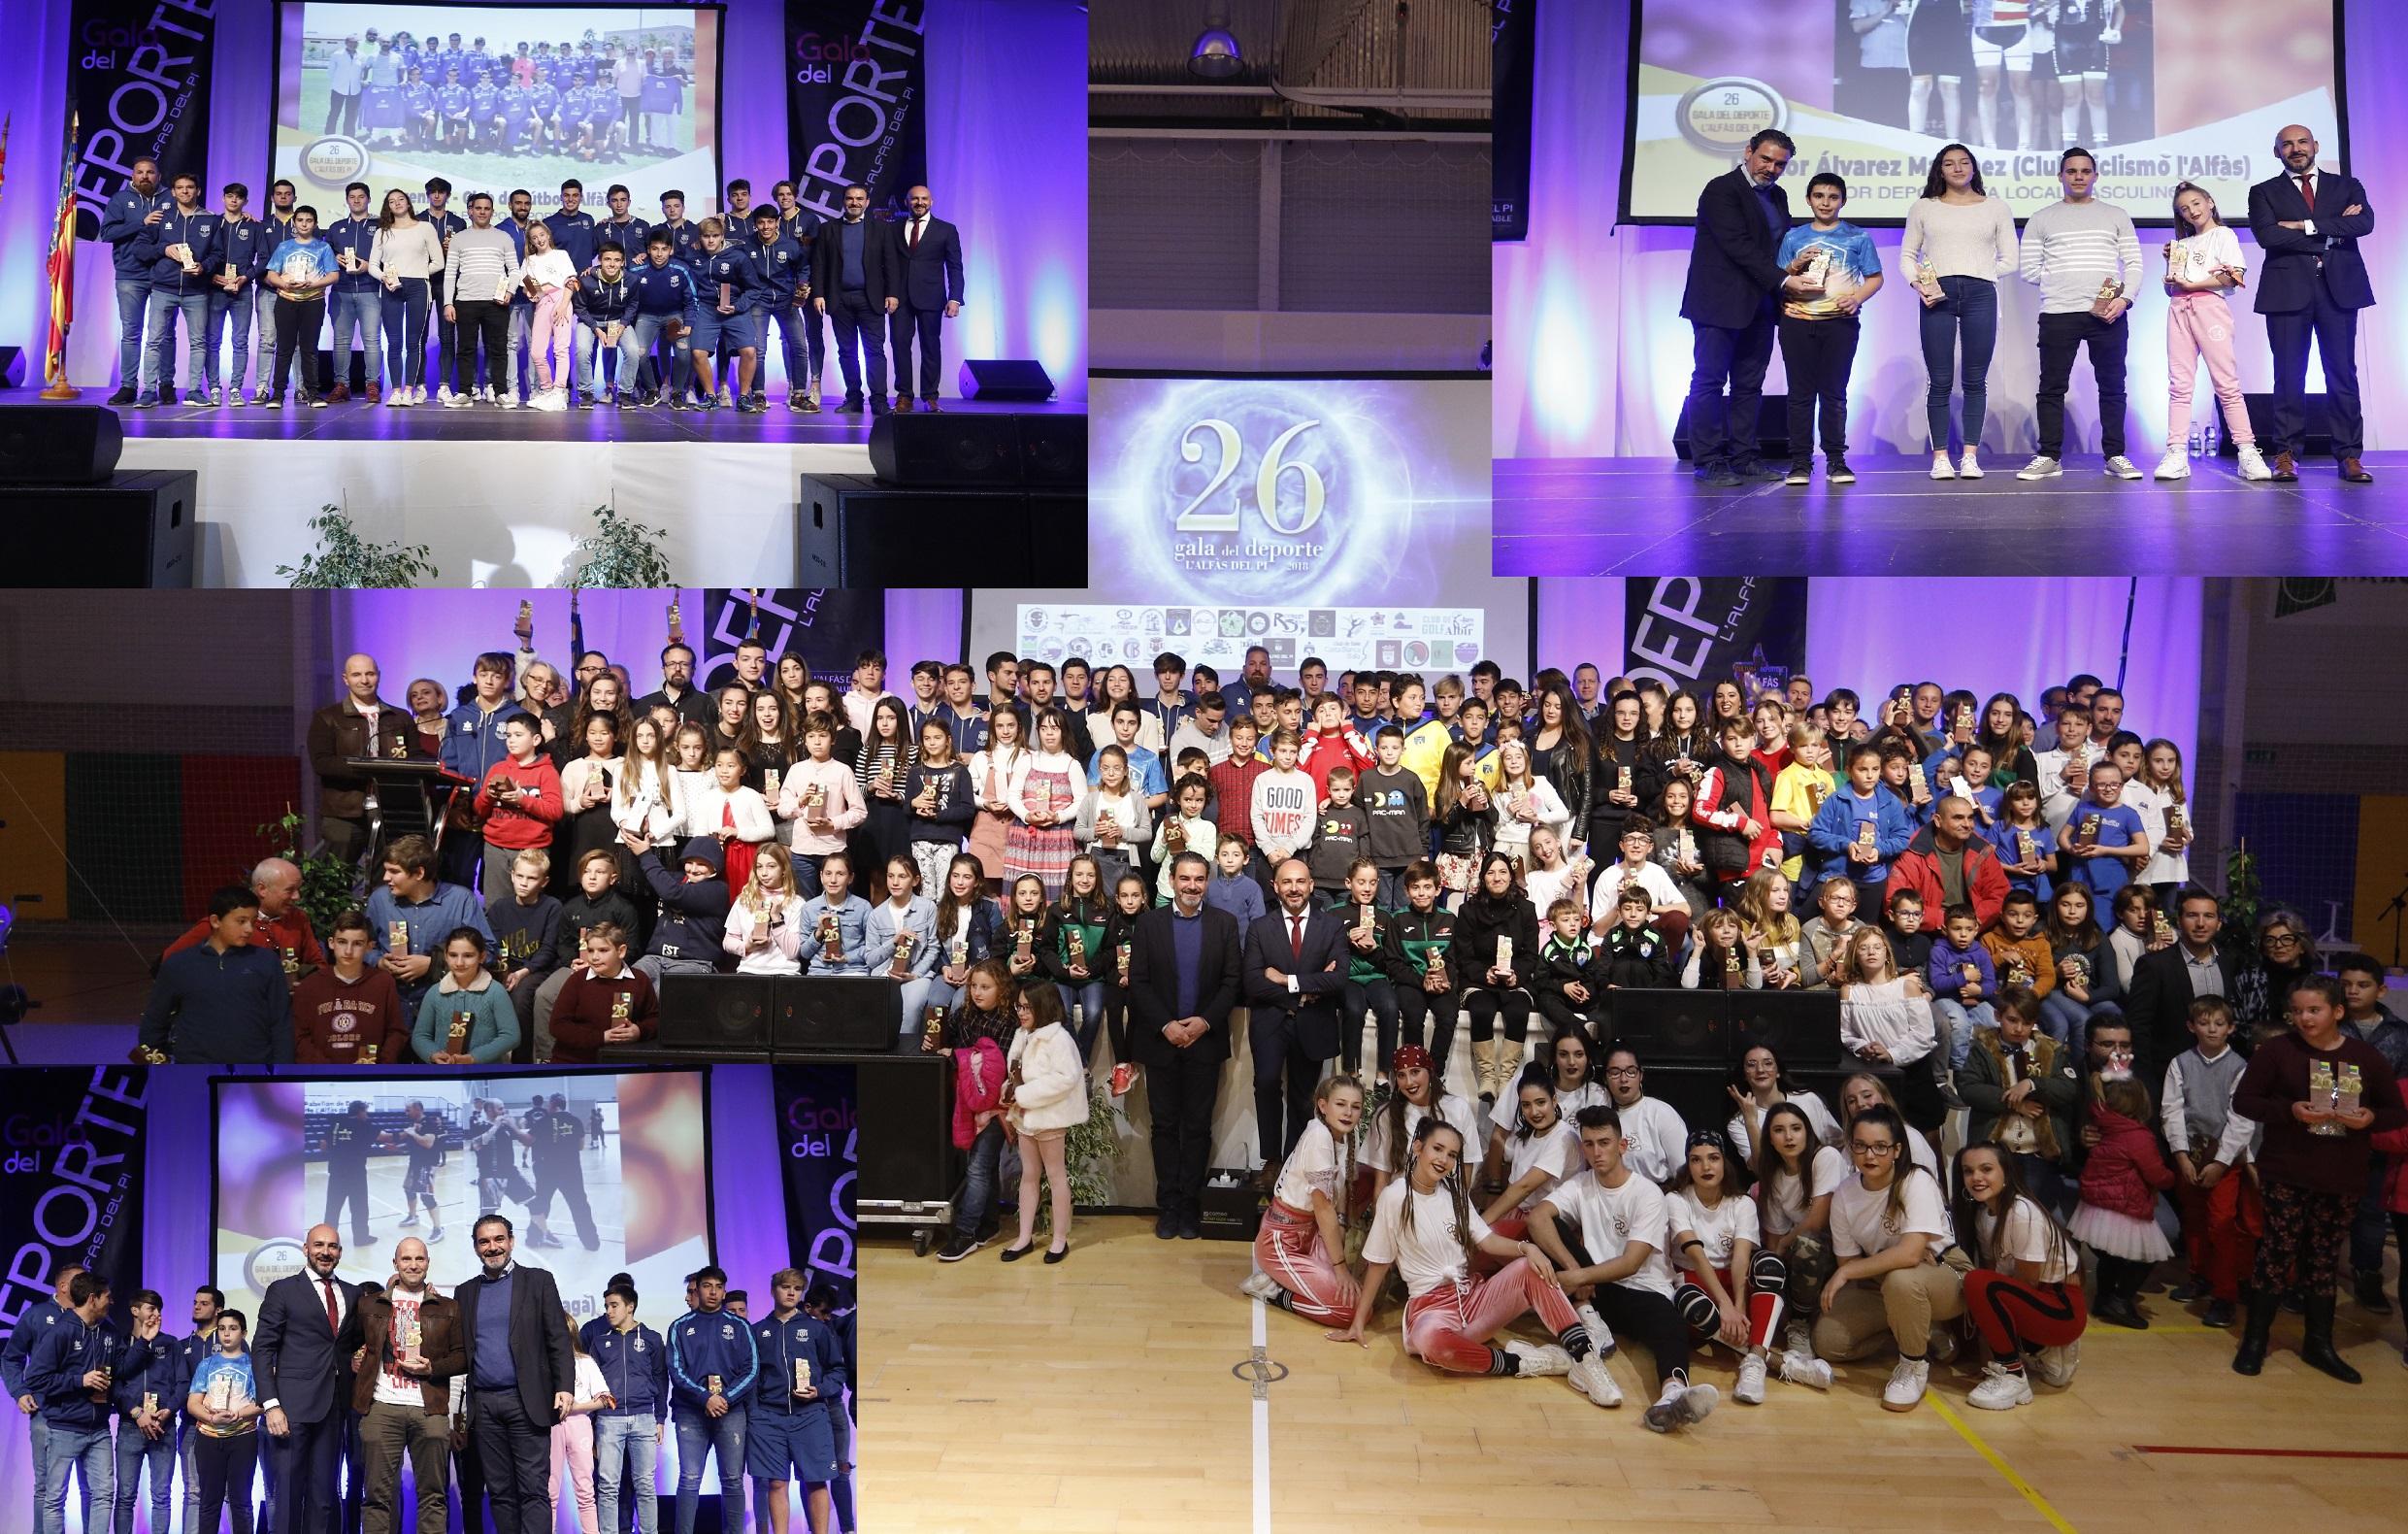 La  XXVI Gala del Deporte premió a los mejores deportistas, clubes y equipos de l'Alfás del Pi.